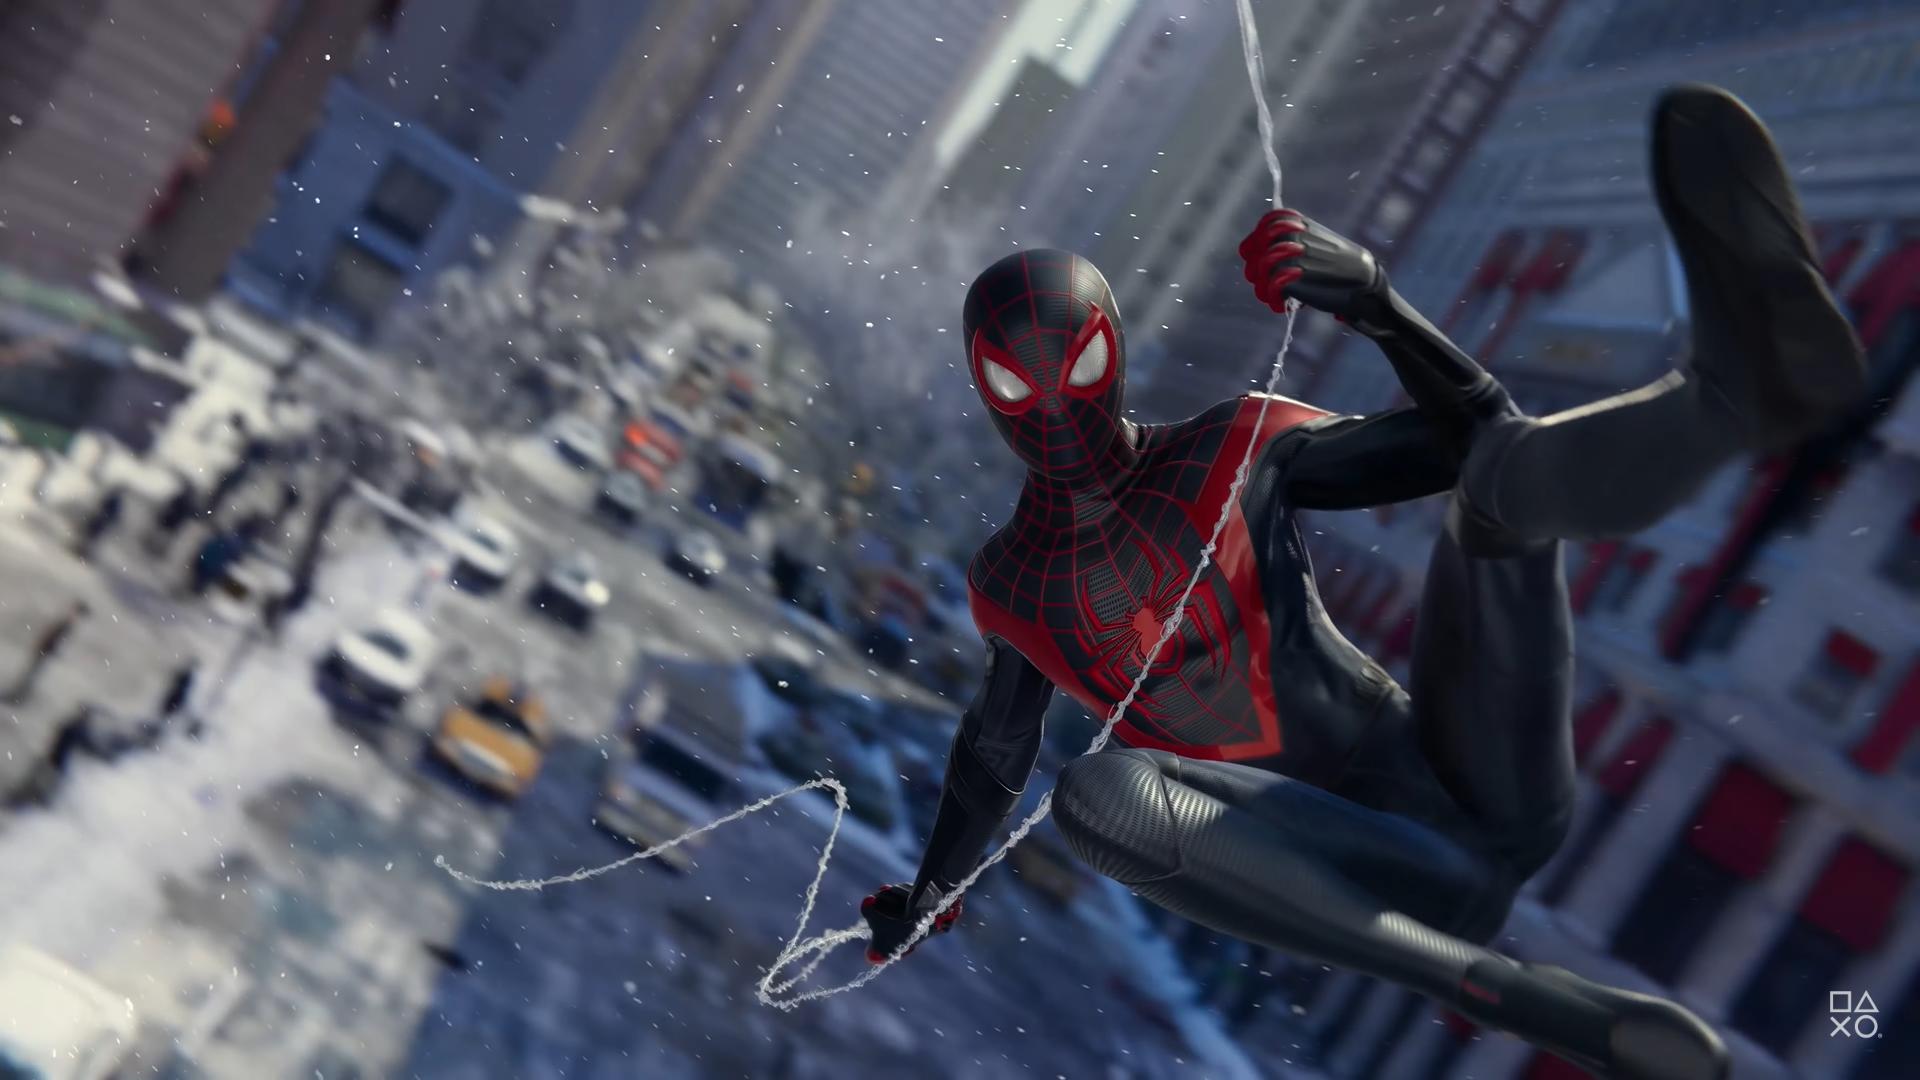 PS5スパイダーマンマイルズモラレスはスタンドアロンゲーム!!!外国人「スタンドアロンってなんだよ」開発元「イッツァスタンドアロンゲーム!」 は???